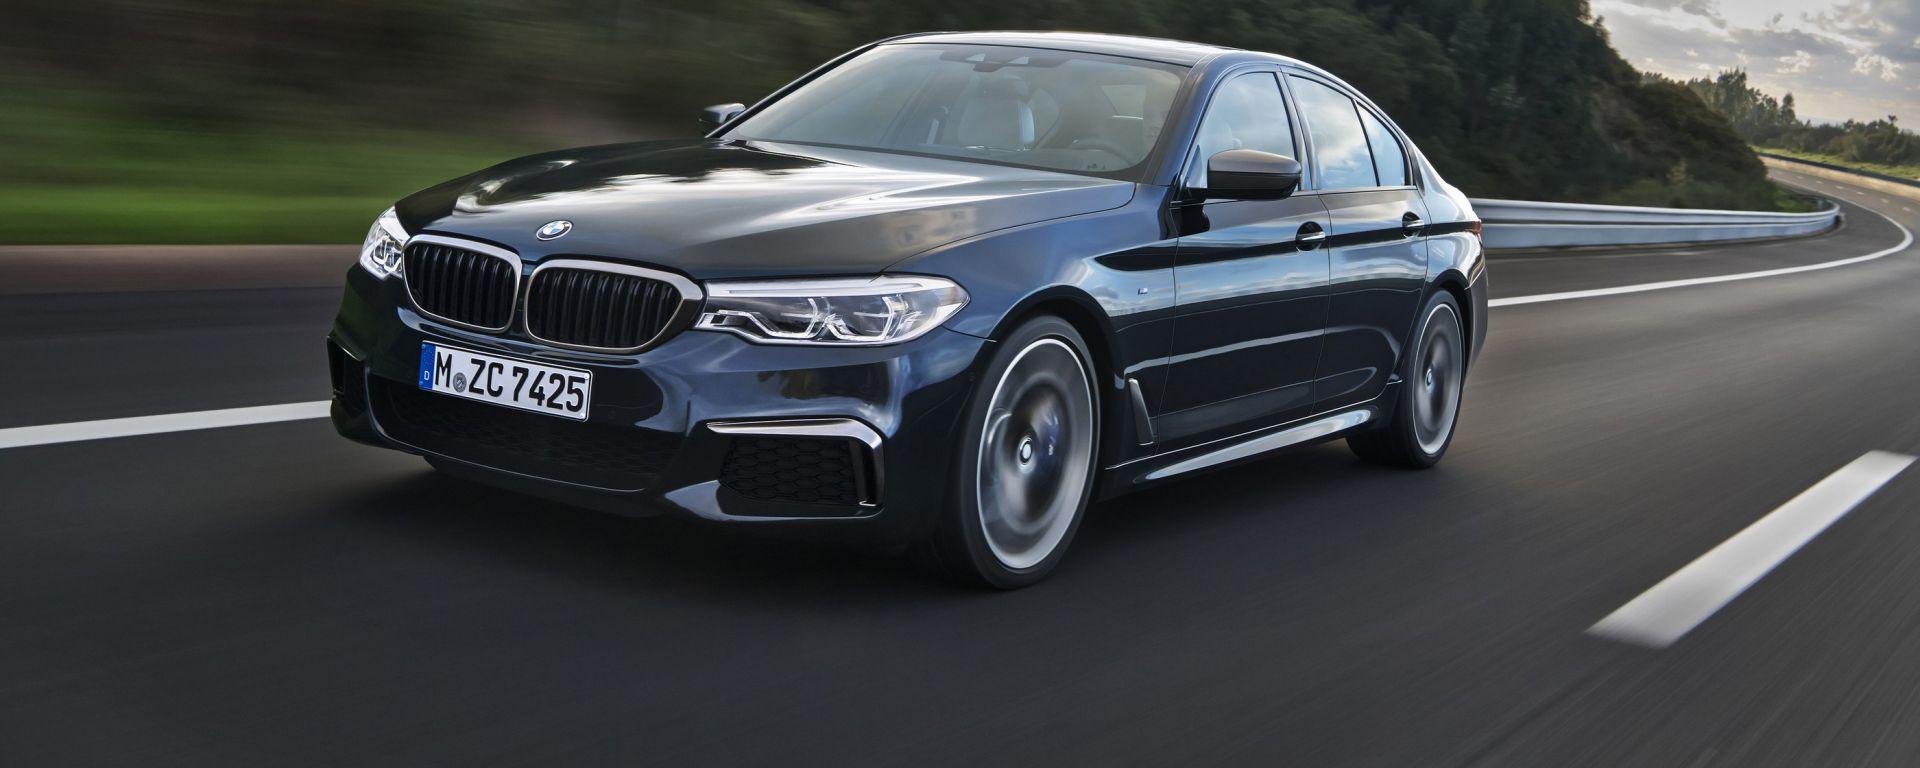 BMW M550i xDrive: la berlina tedesca con il V8 da 468 cv